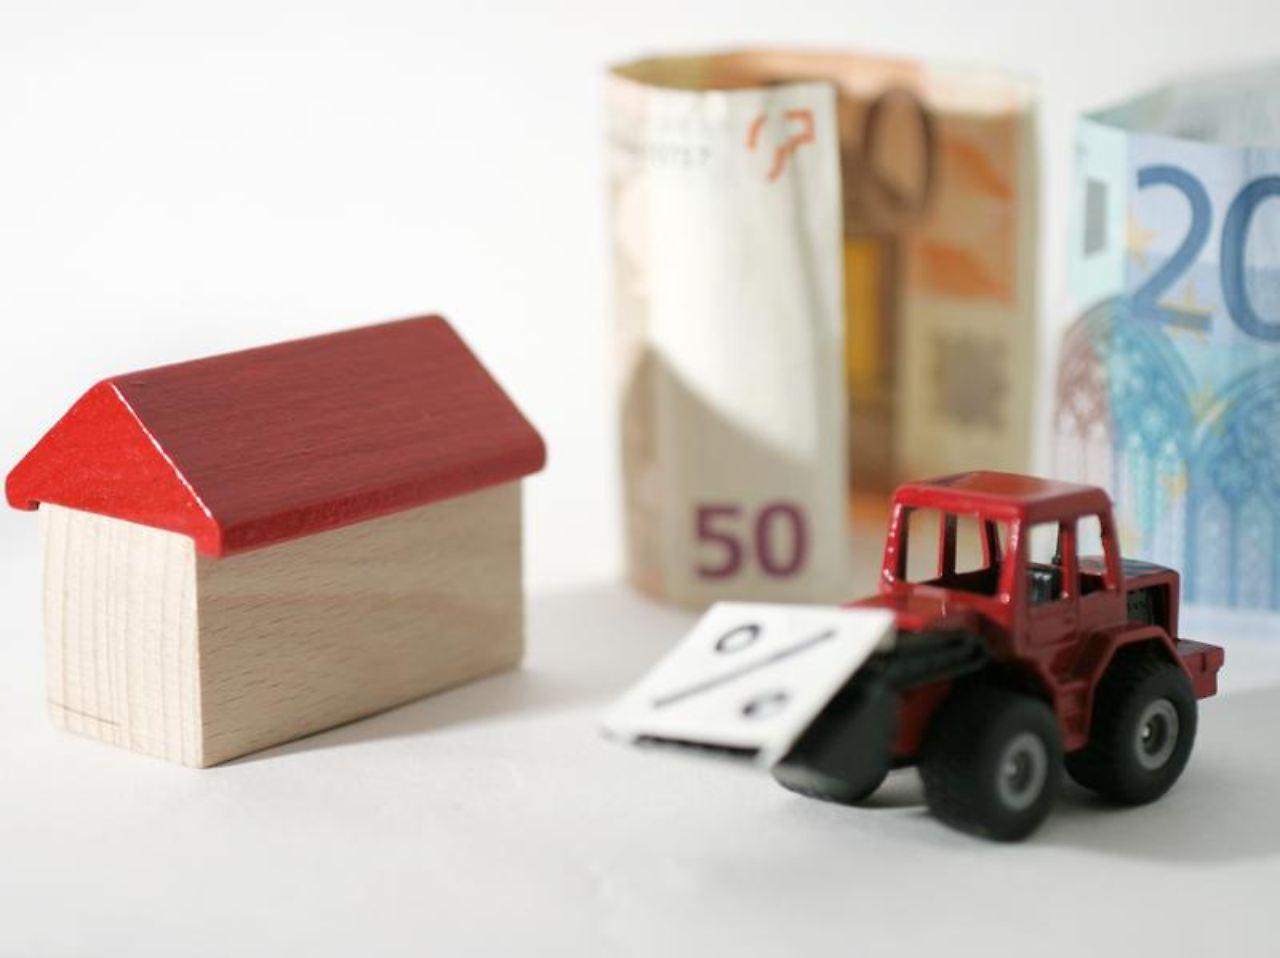 immobilienfinanzierung mit der kfw die beste bank f r f rderkredite n. Black Bedroom Furniture Sets. Home Design Ideas